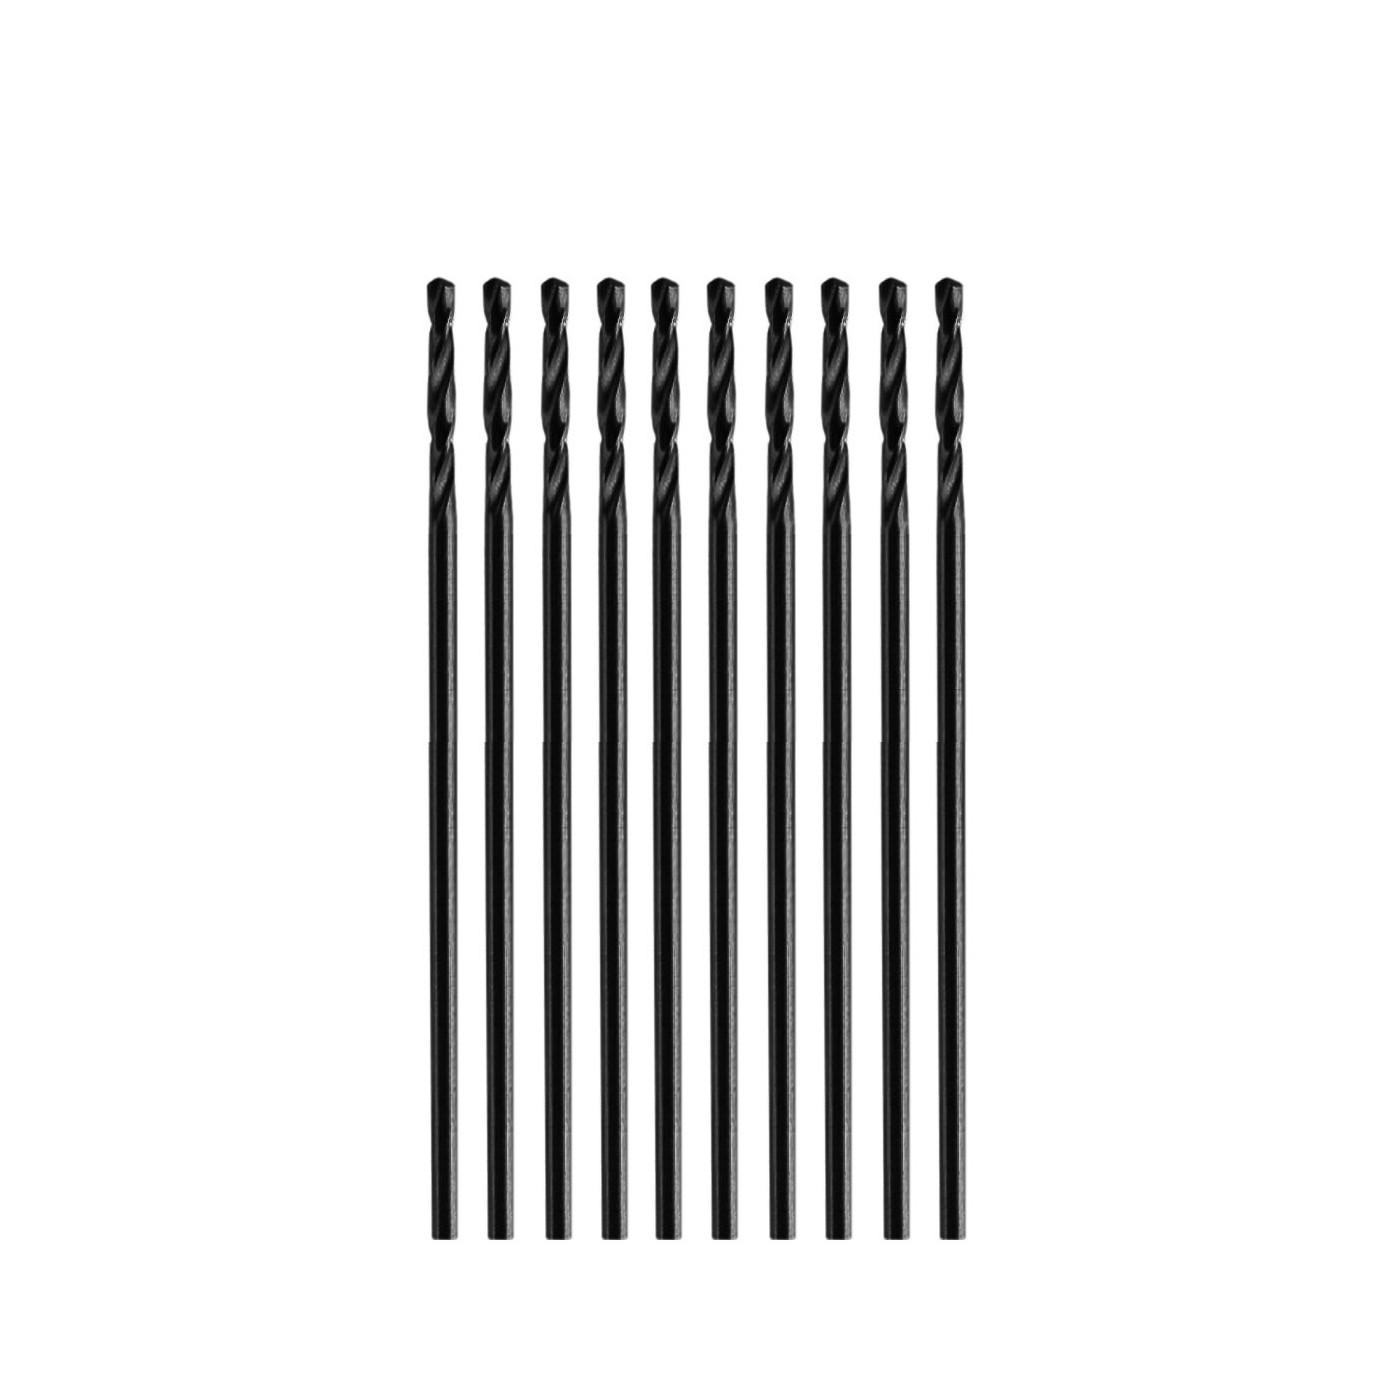 Set van 10 kleine metaalboren (1,9x46 mm, HSS)